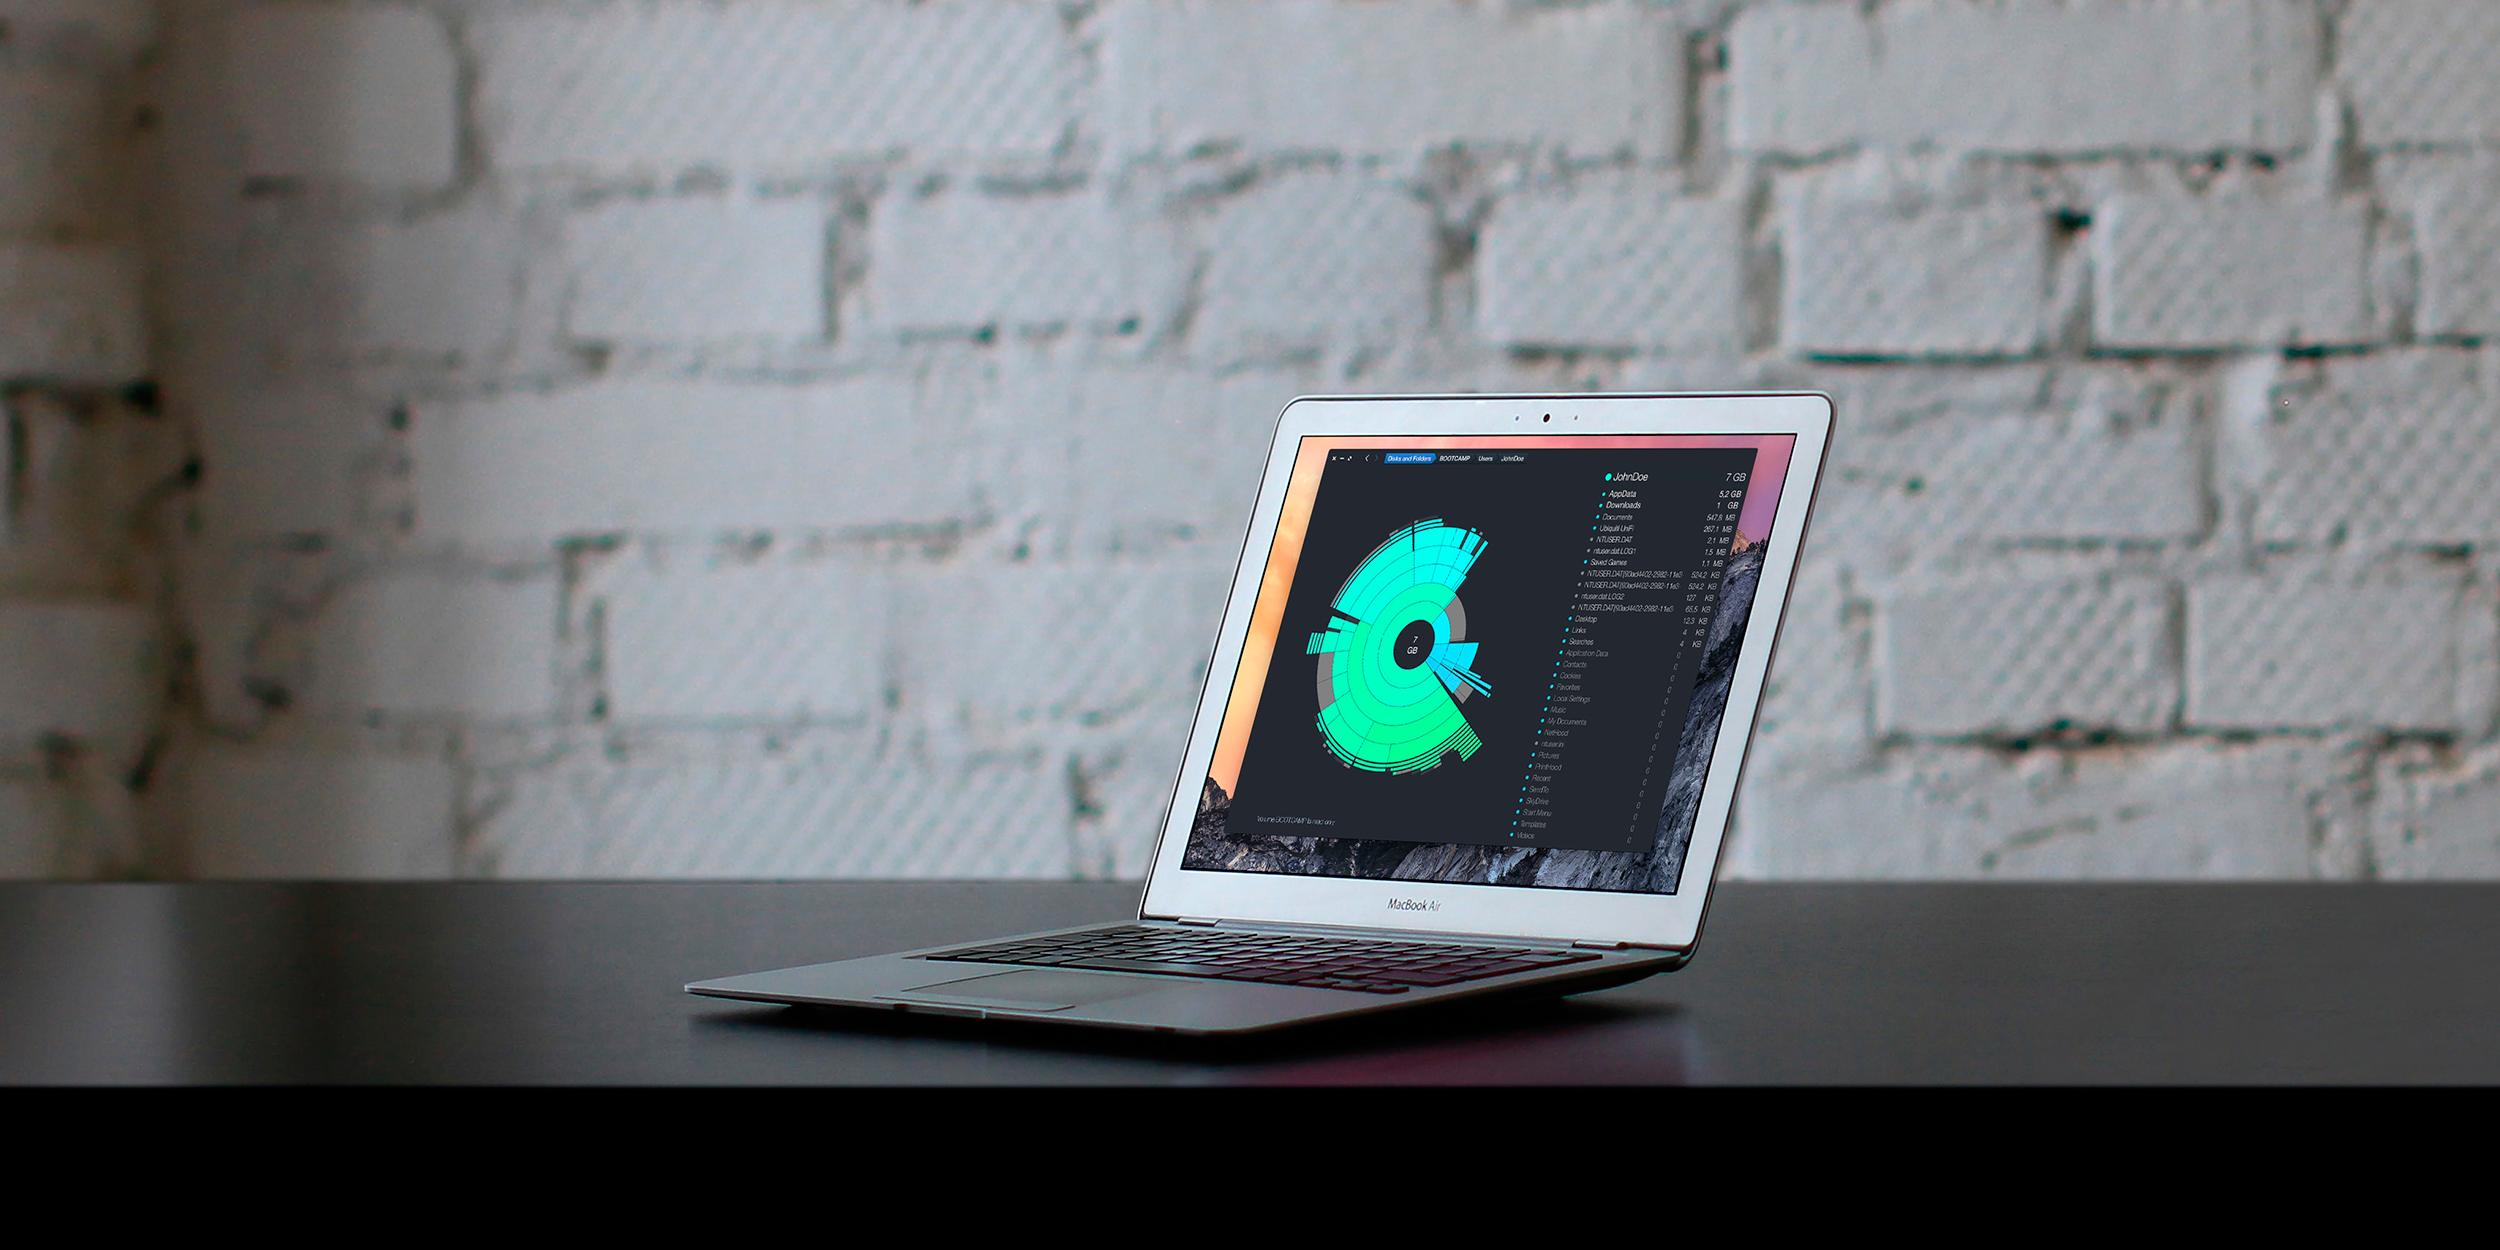 DaisyDisk 4 — анализ диска в формате круговой диаграммы теперь в 20 раз быстрее